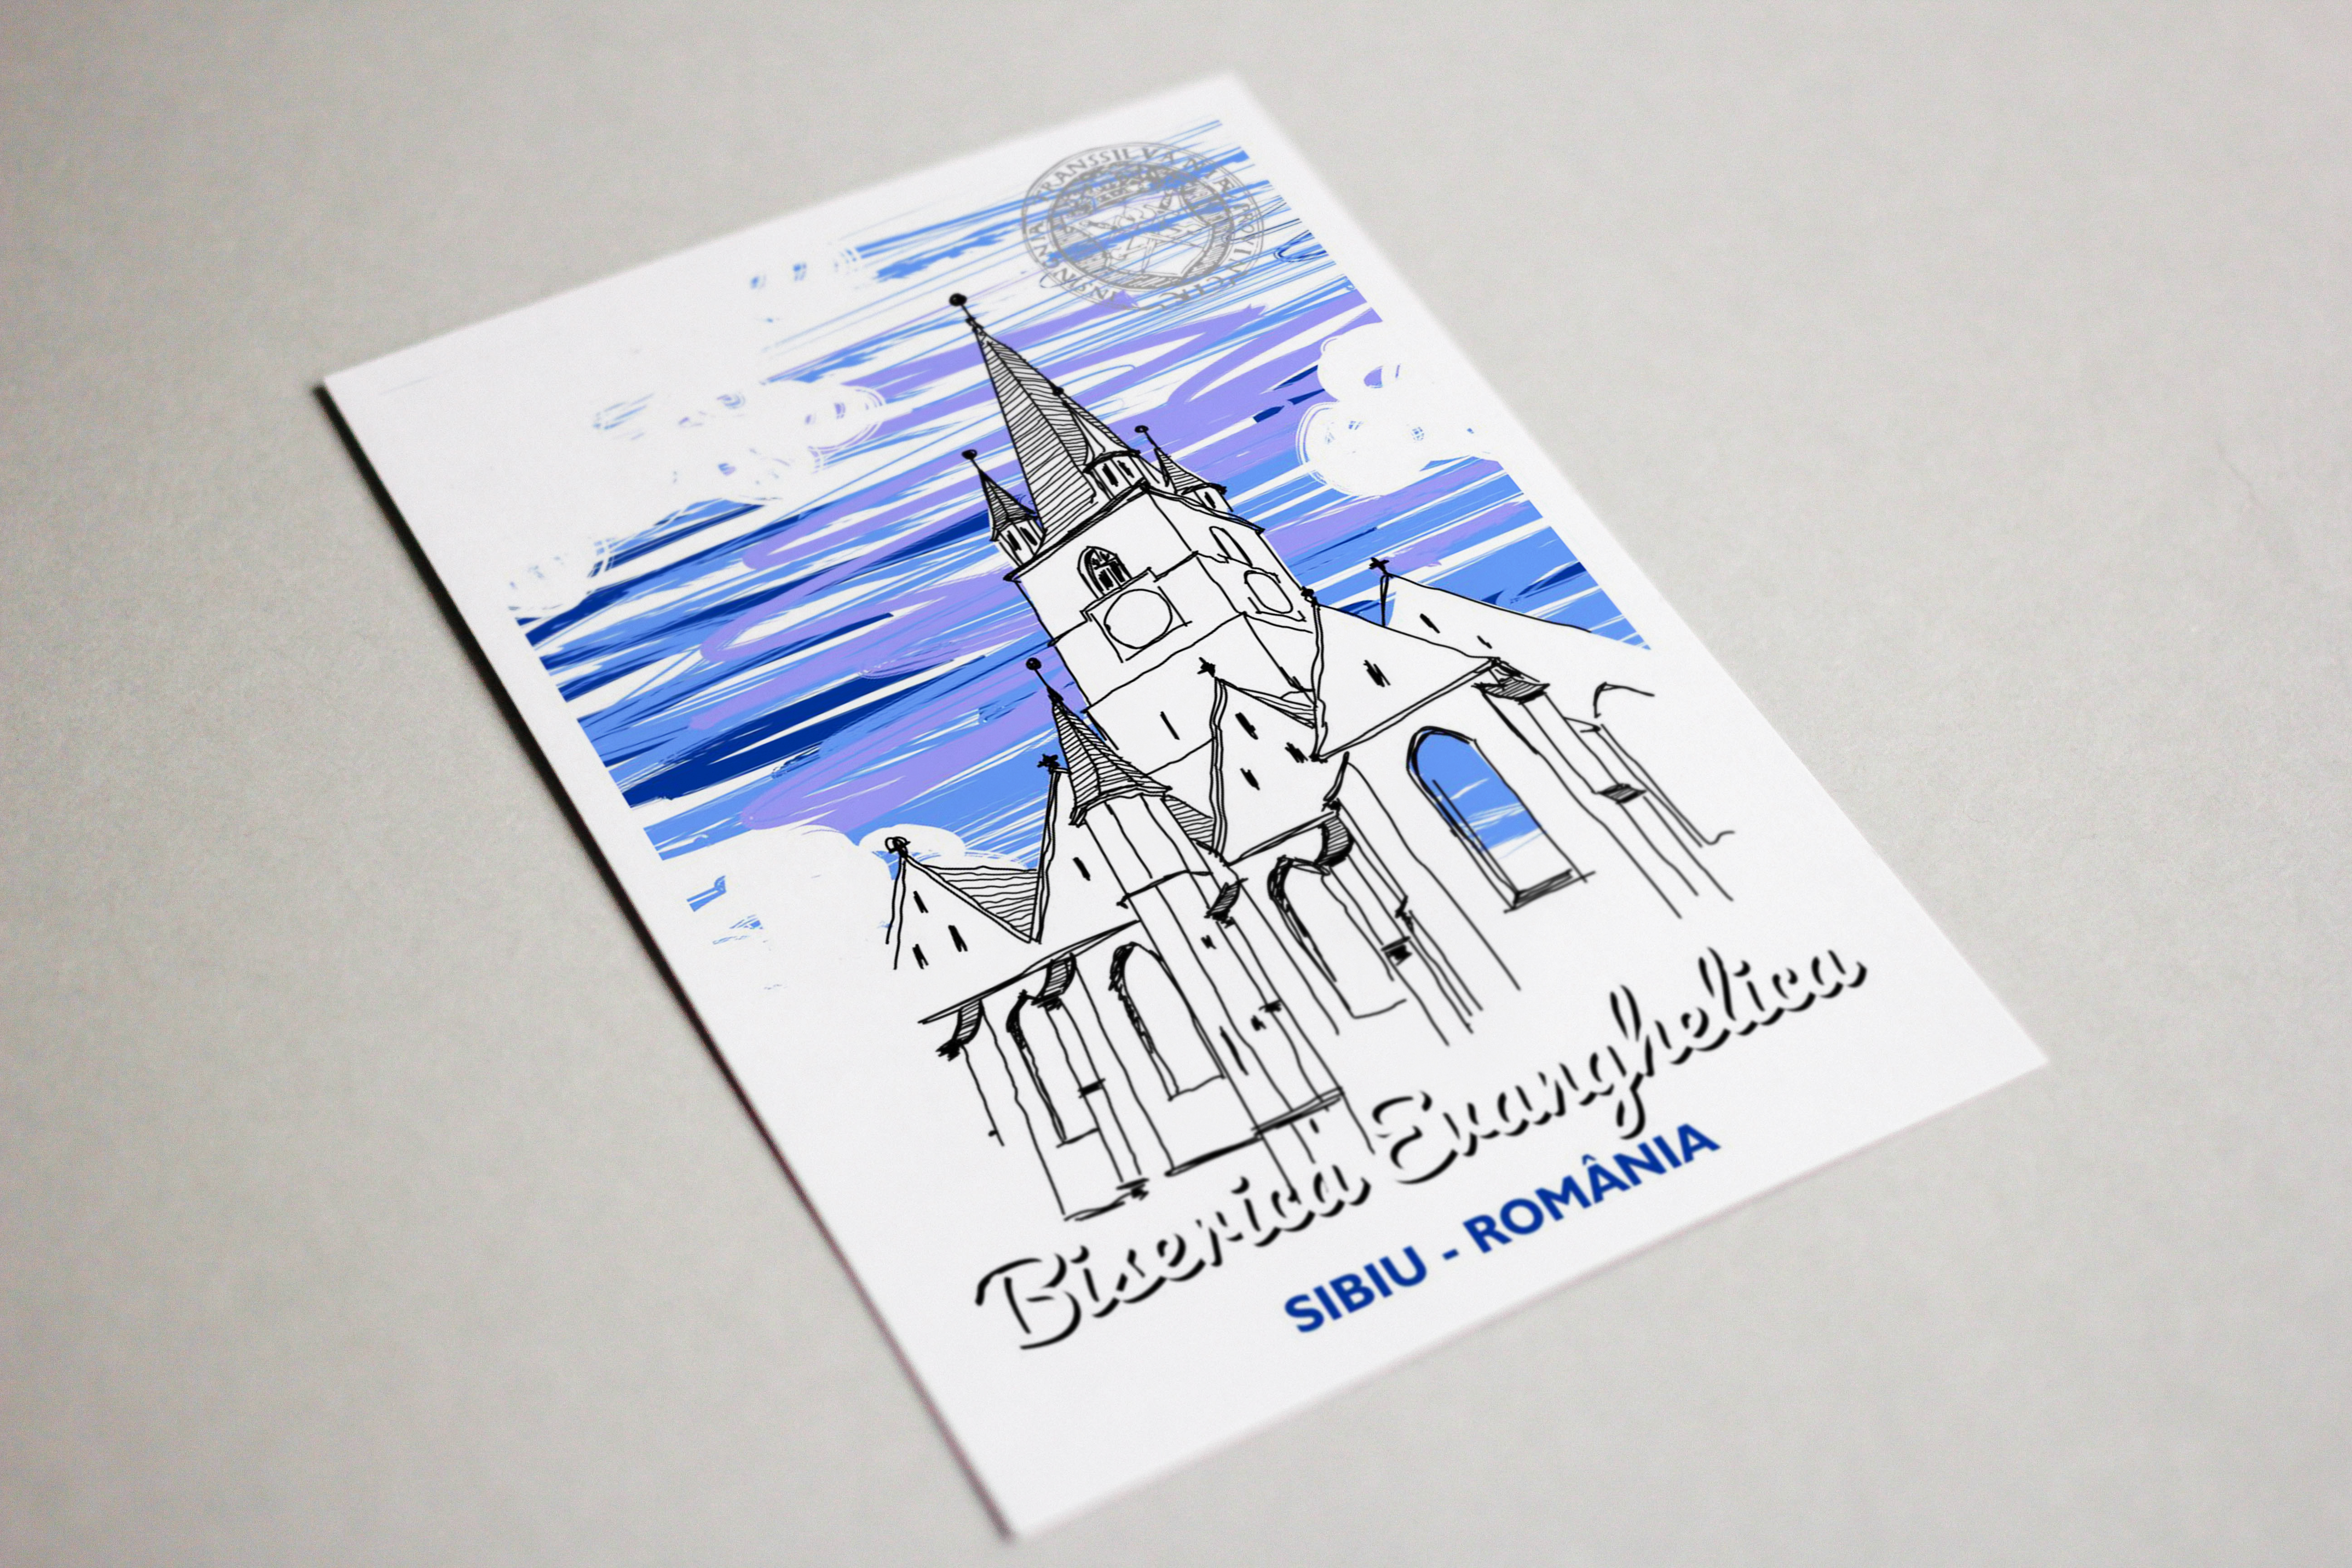 Carte postala Biserica Evanghelica, suvenir Sibiu 3